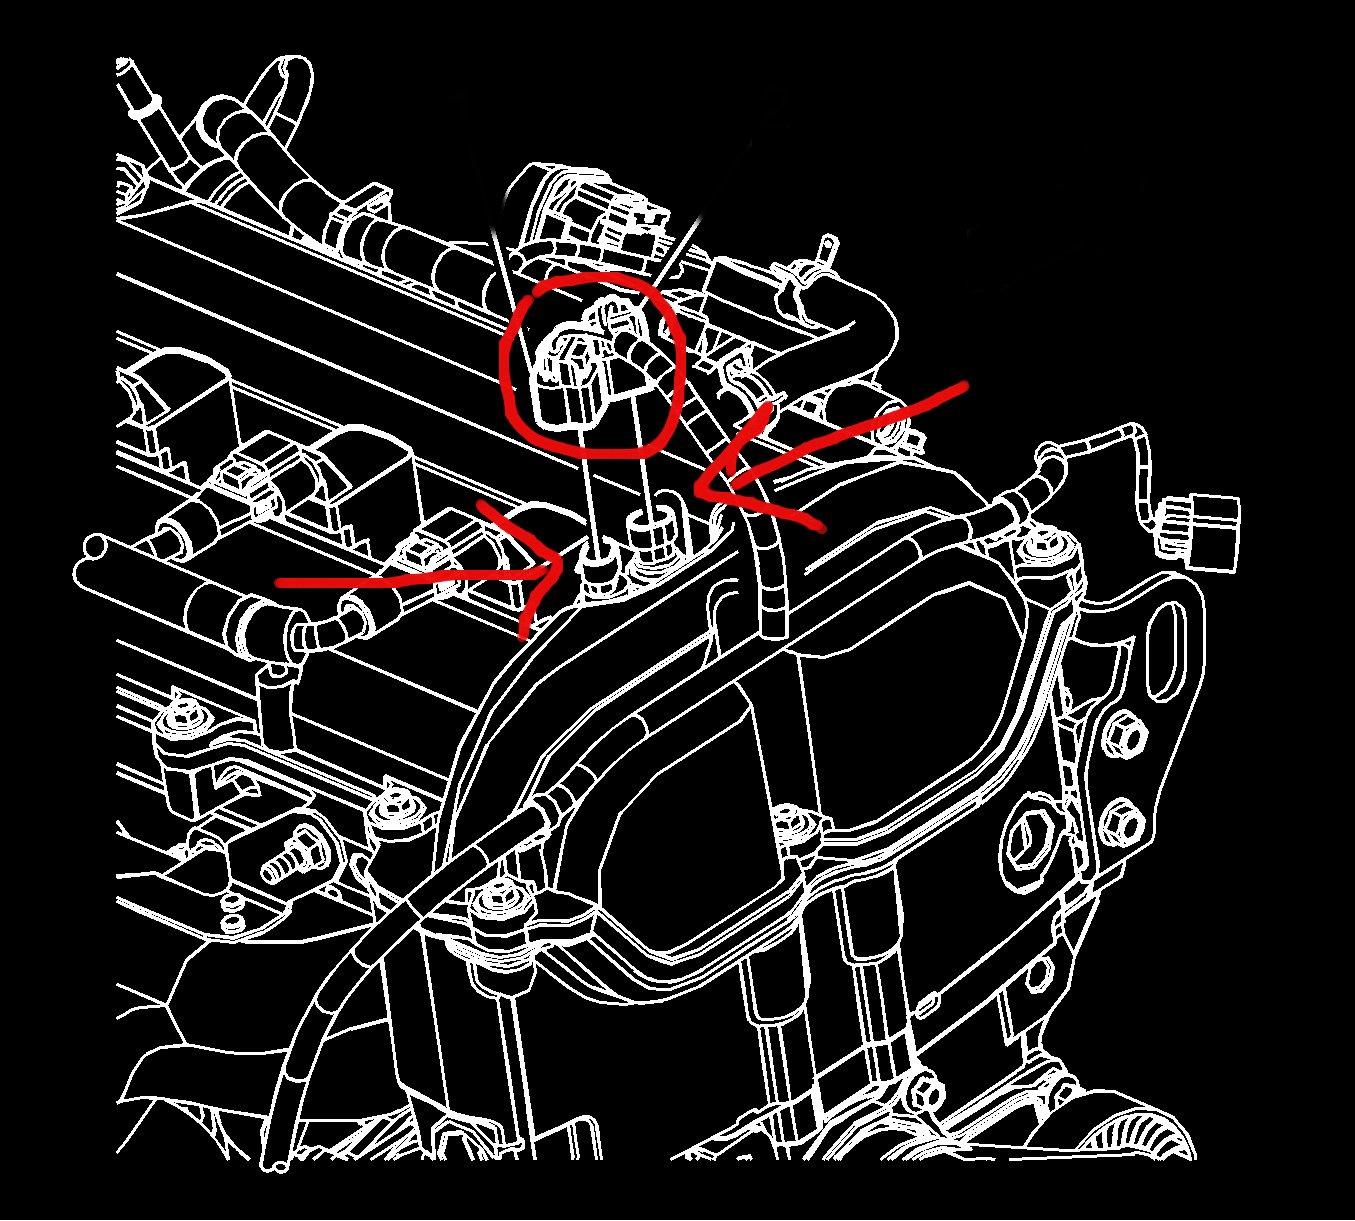 p0013 engine code pontiac g6